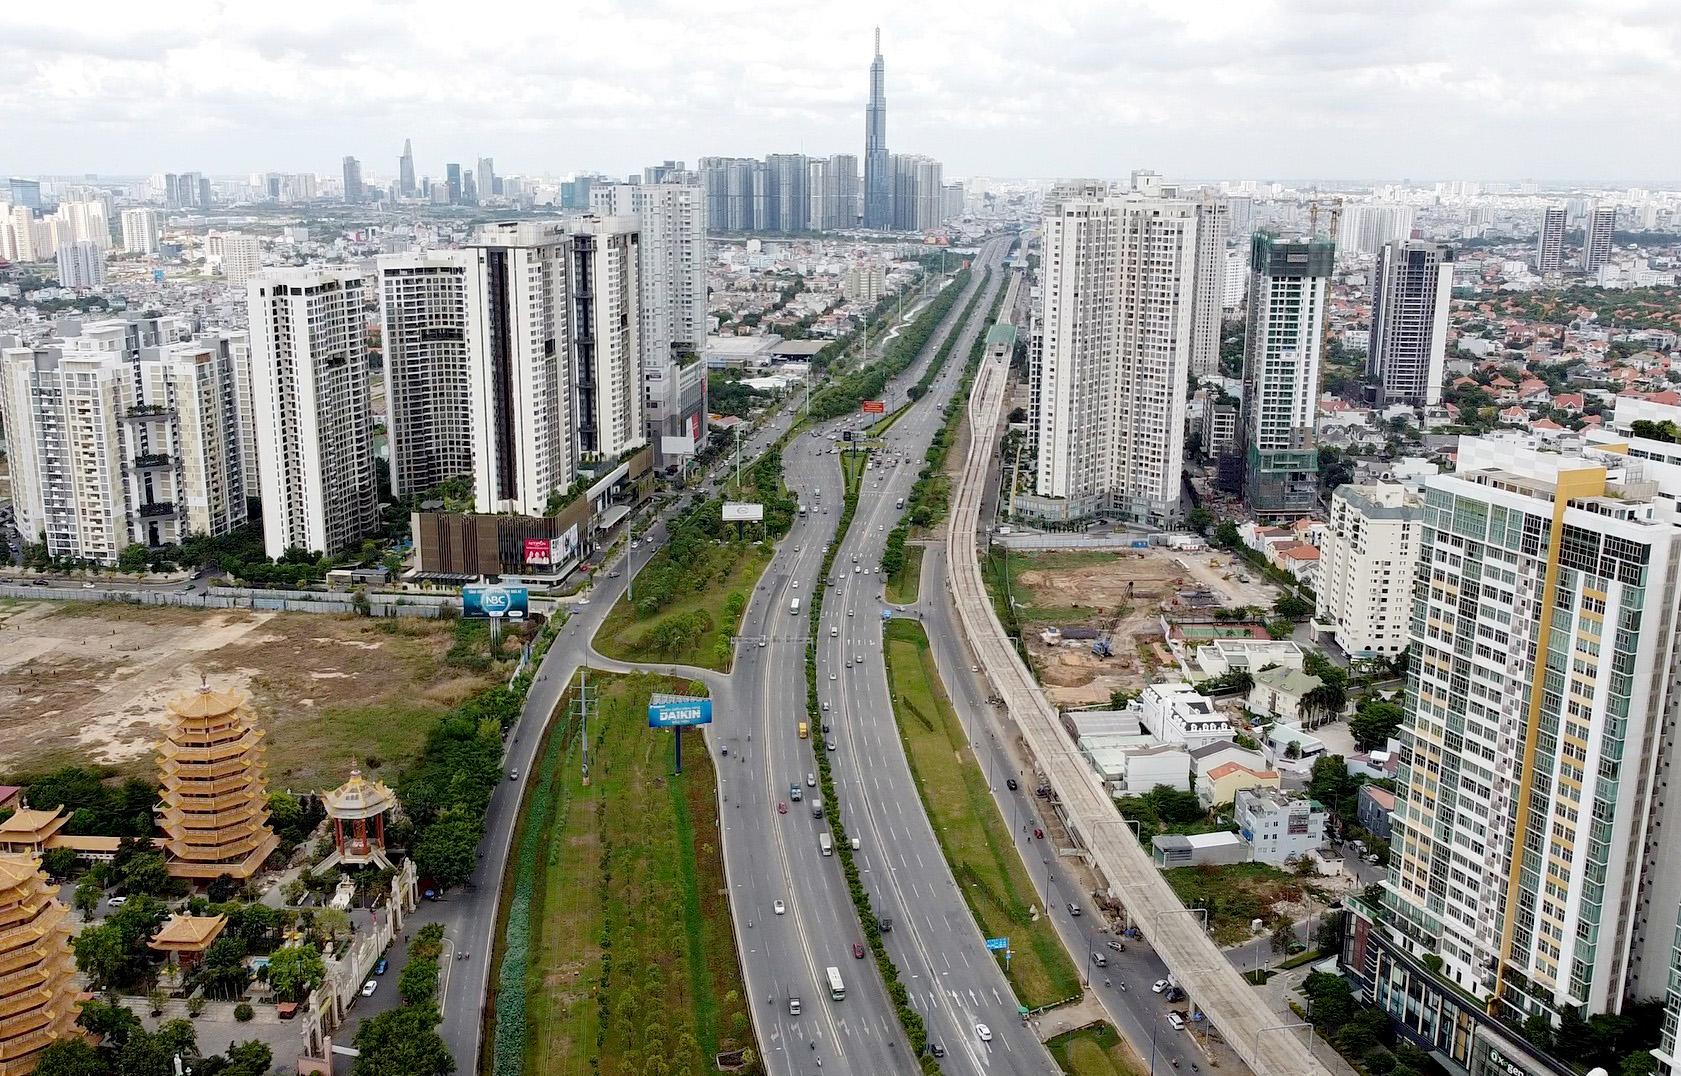 Bức tranh xấu nhất của thị trường nhà ở trong năm 2021 giá cả sẽ bằng năm 2020 - Ảnh 2.